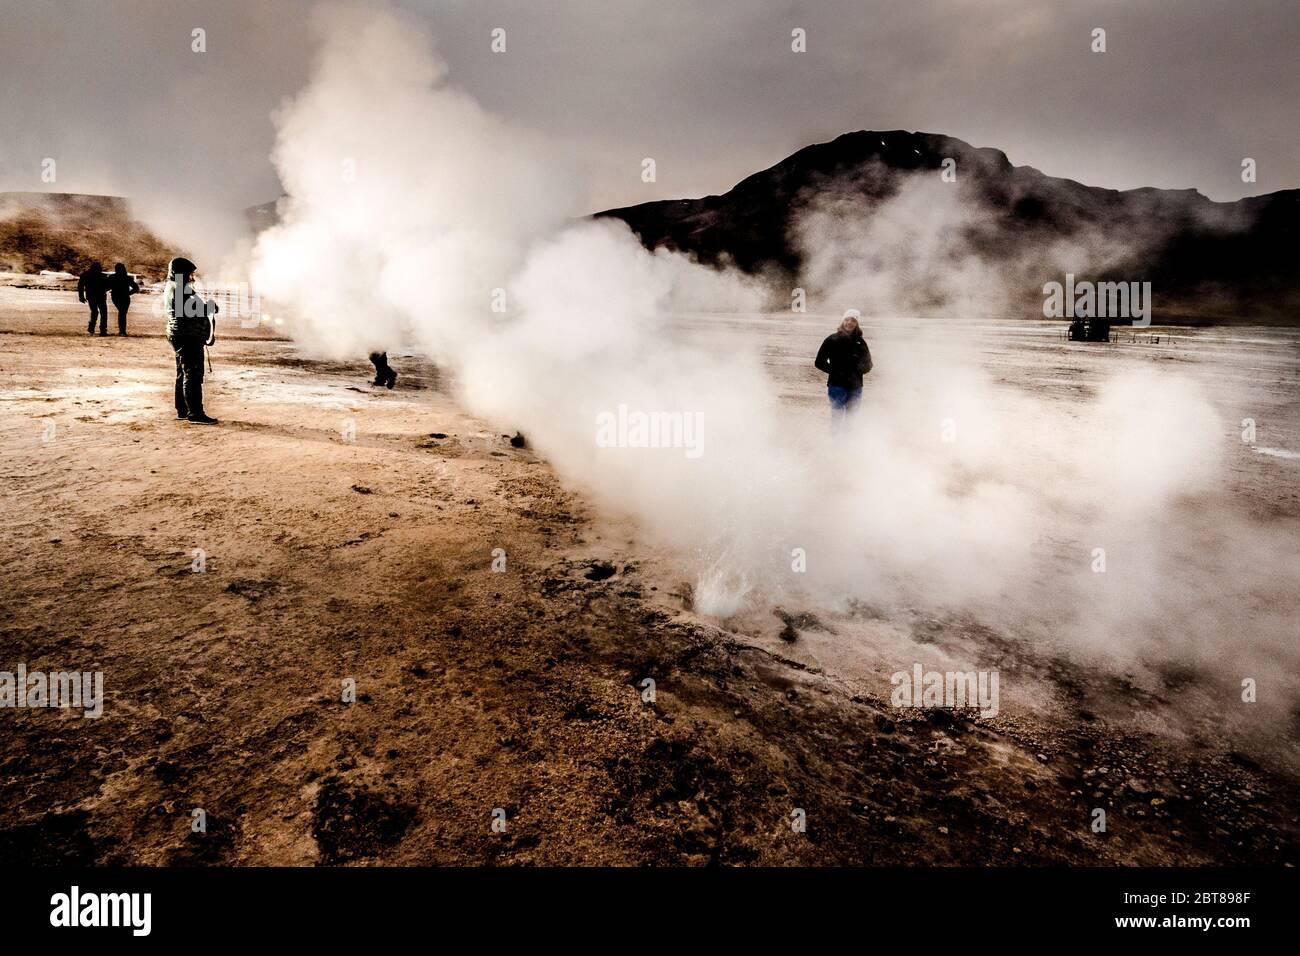 Géiseres del Tatio en el desierto de Atacama, Chile Foto de stock